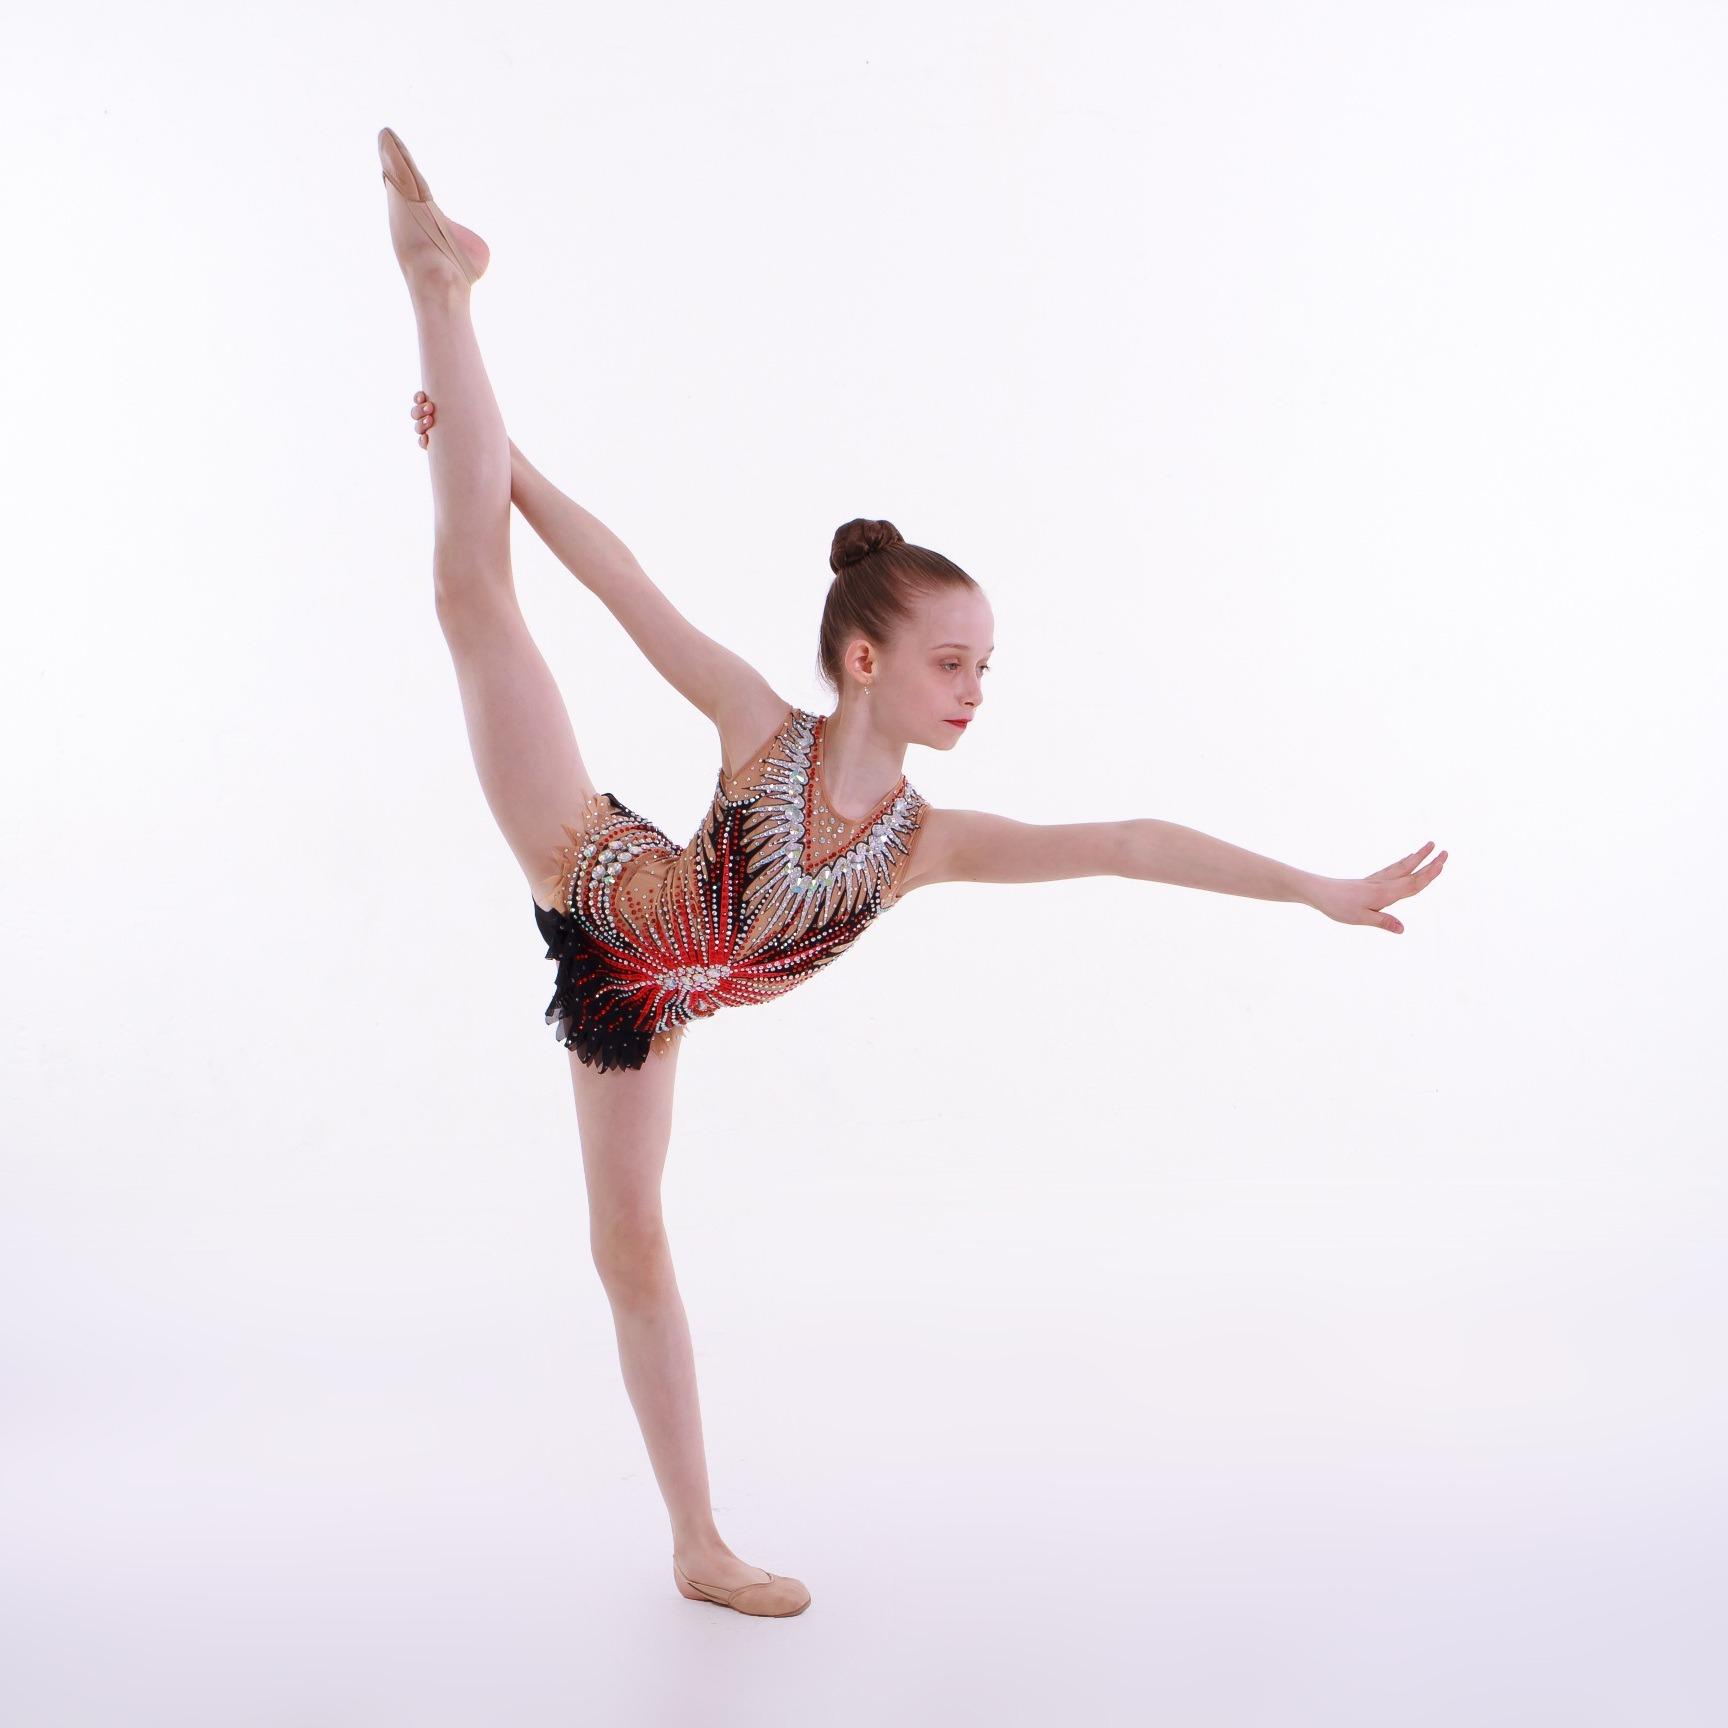 Zajęcia dla dzieci Gimnastyka artystyczna z elementami tańca, 5-8 lat (poziom początkujący) w Warszawie